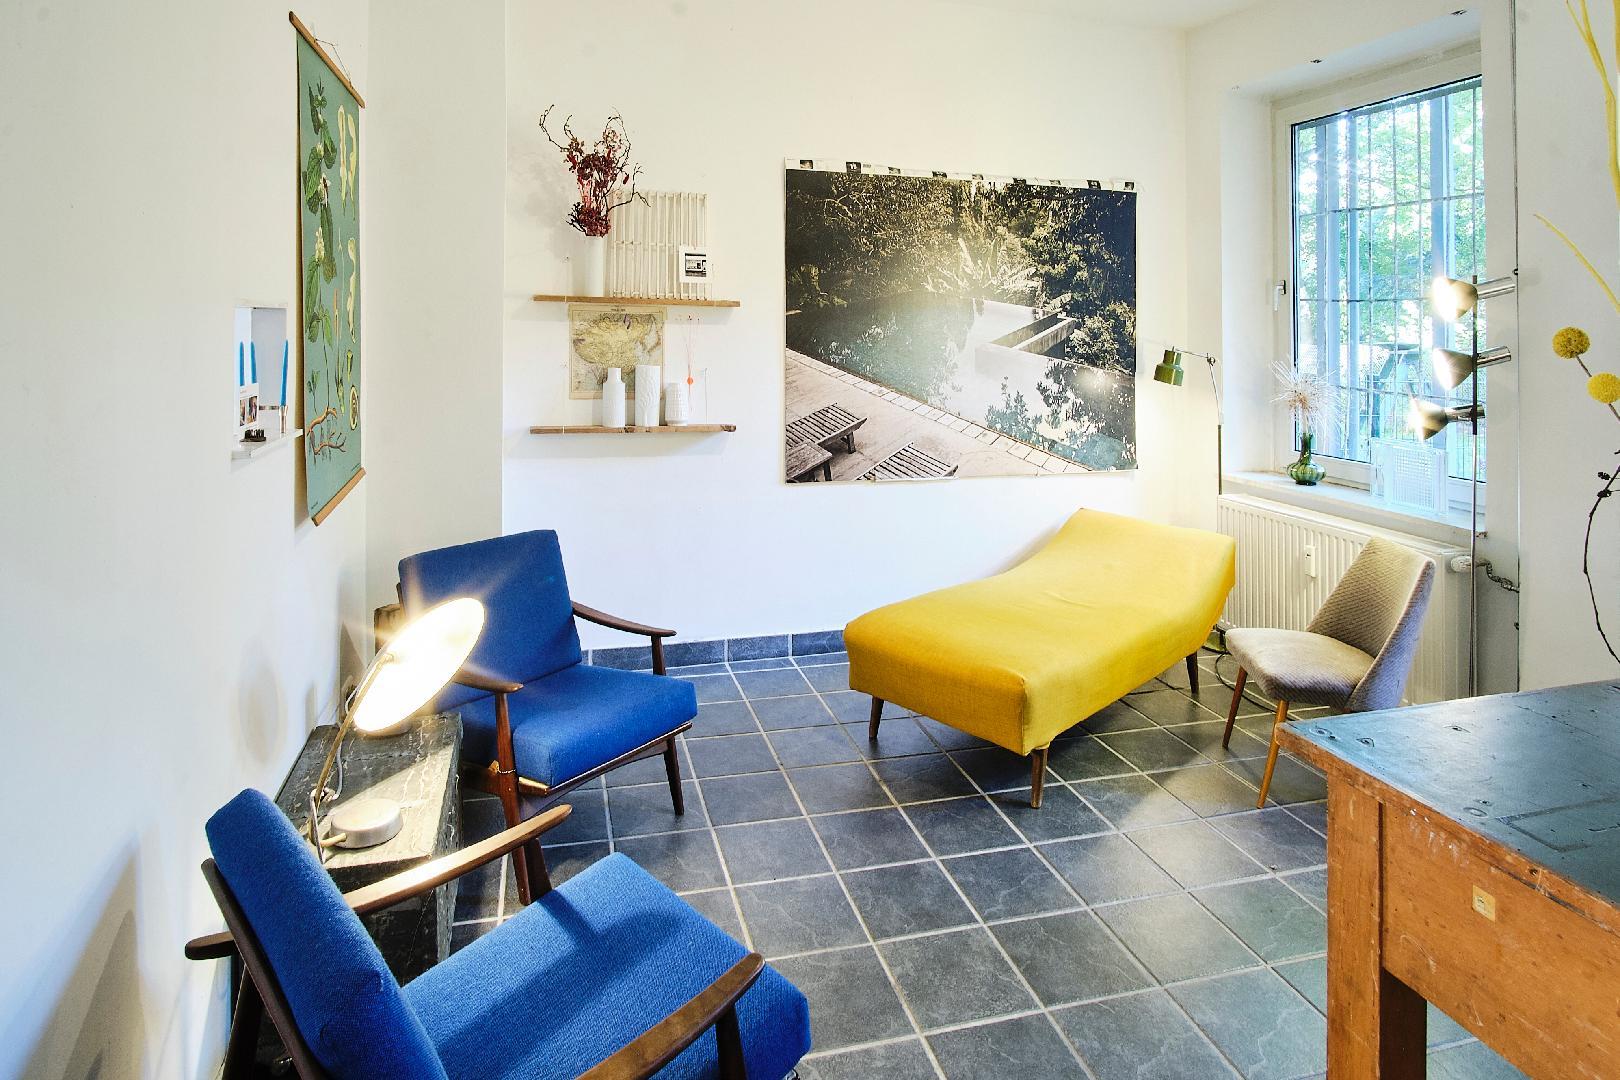 Picture 3 of Stilvoller Raum in Dänischem Vintage-Stil zum Mieten